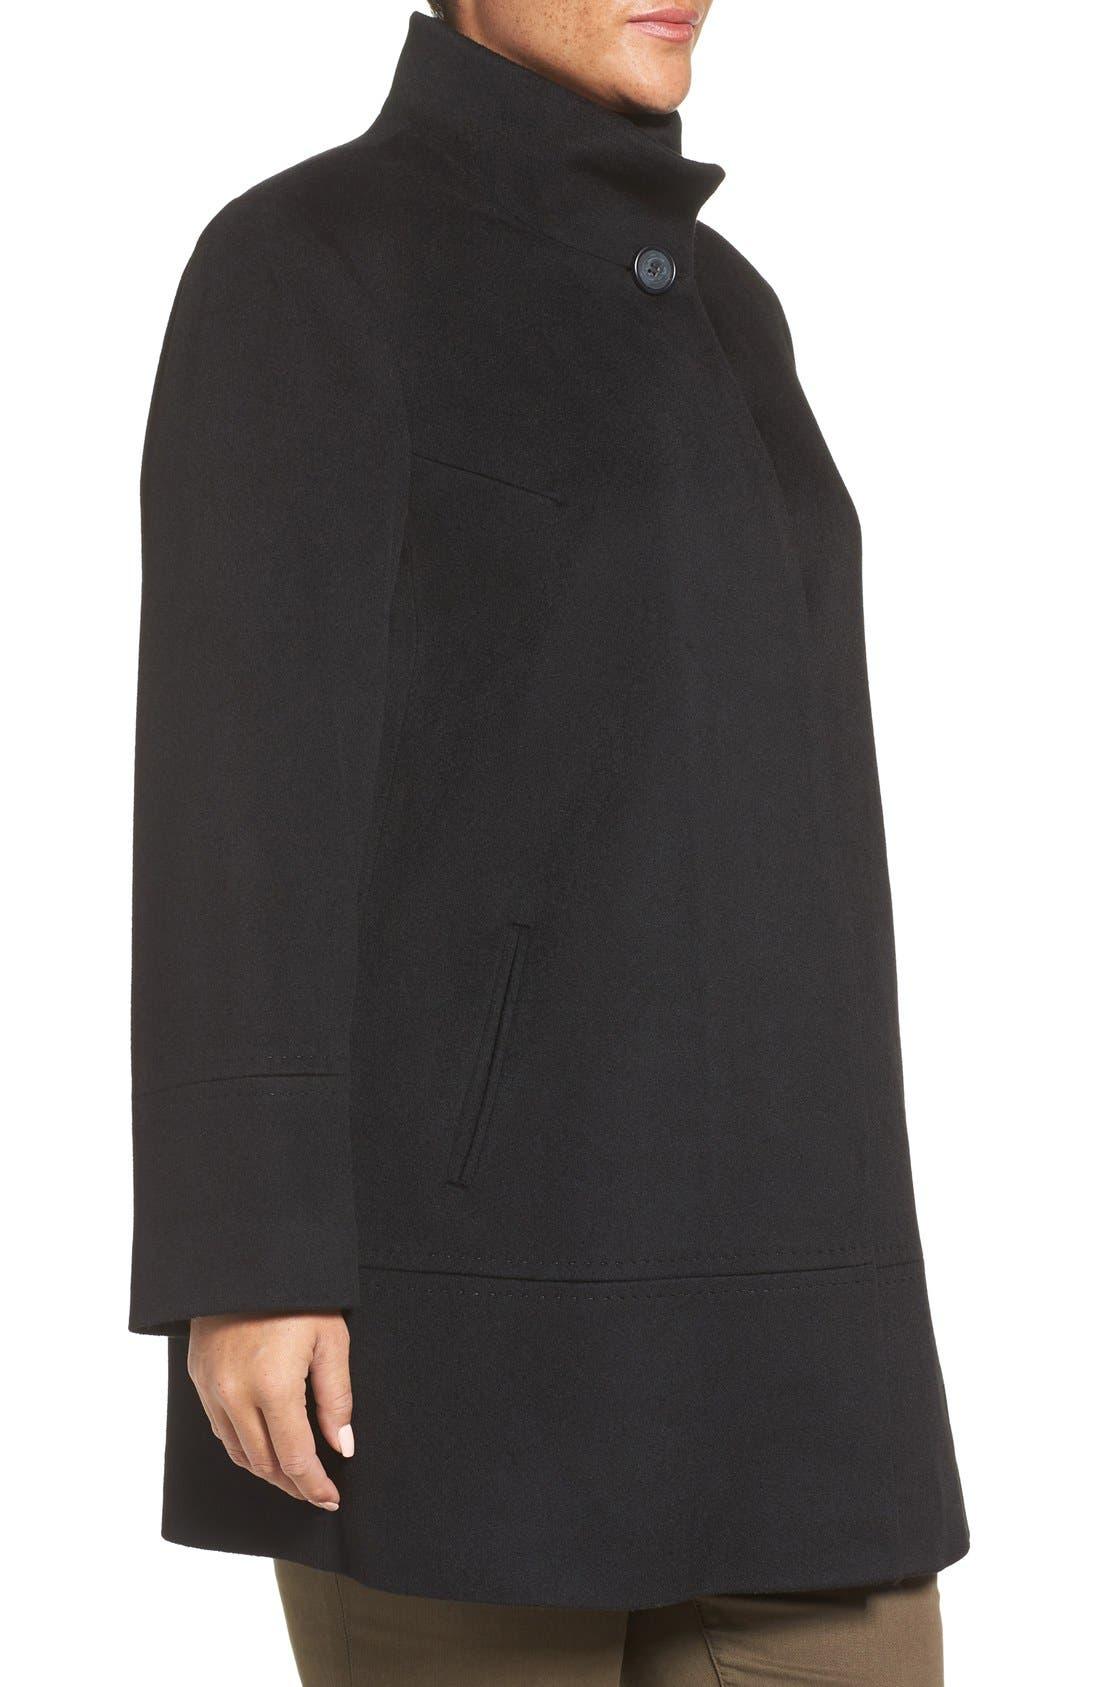 Loro Piana Wool Car Coat,                             Alternate thumbnail 3, color,                             Black